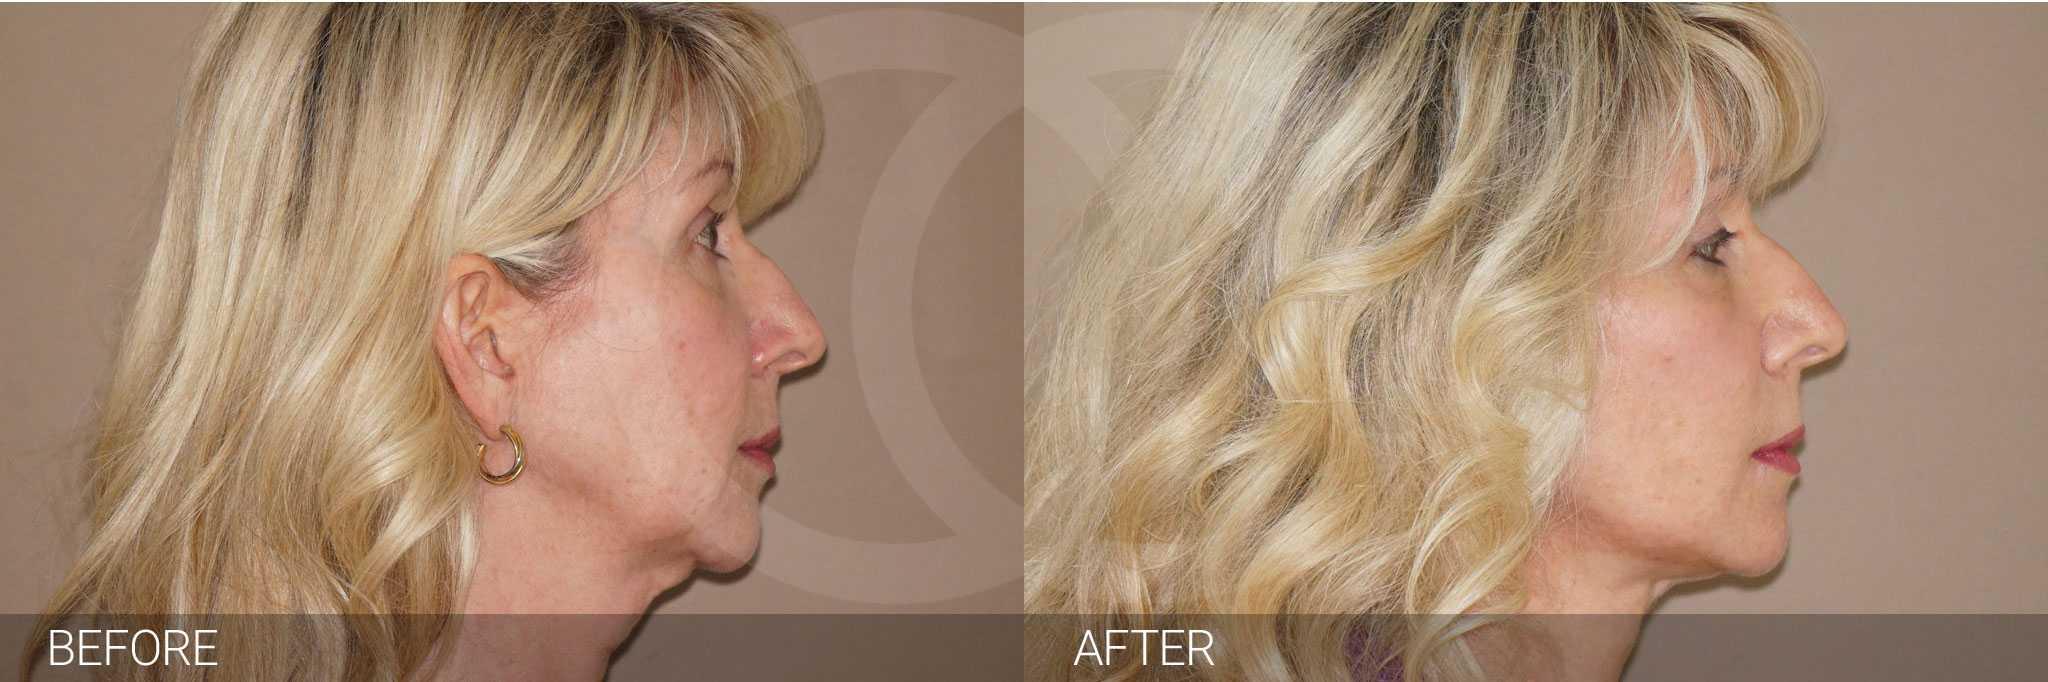 Cirugía de párpados foto antes y después